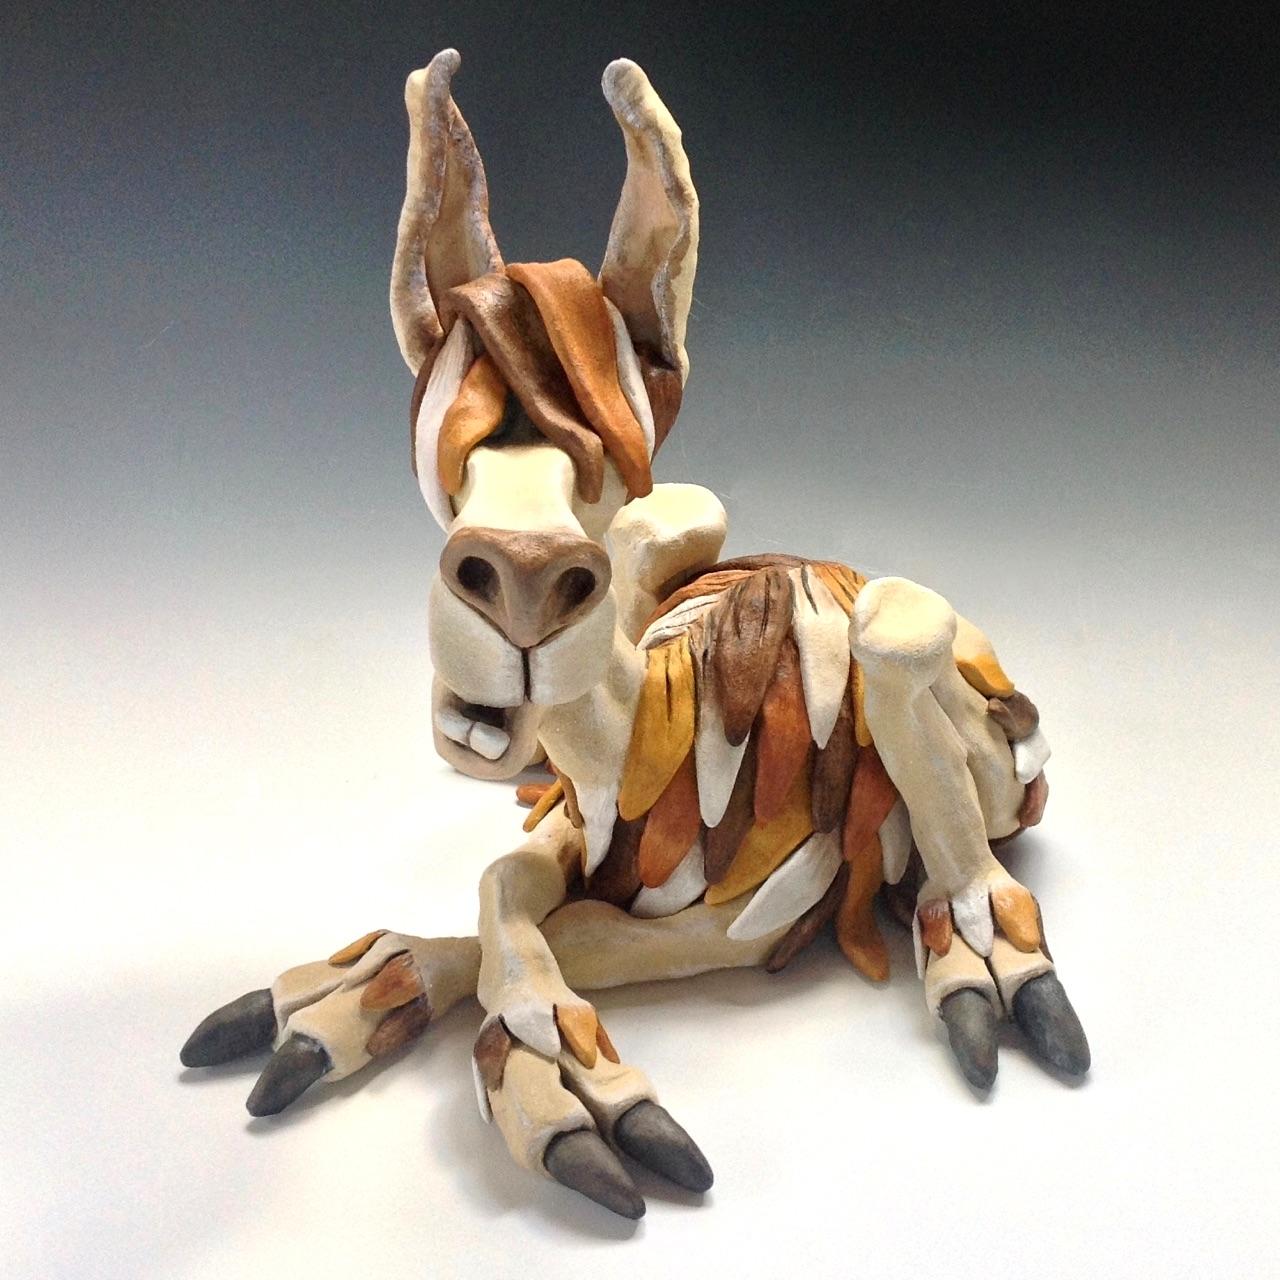 Llama sculpture ceramic stoneware